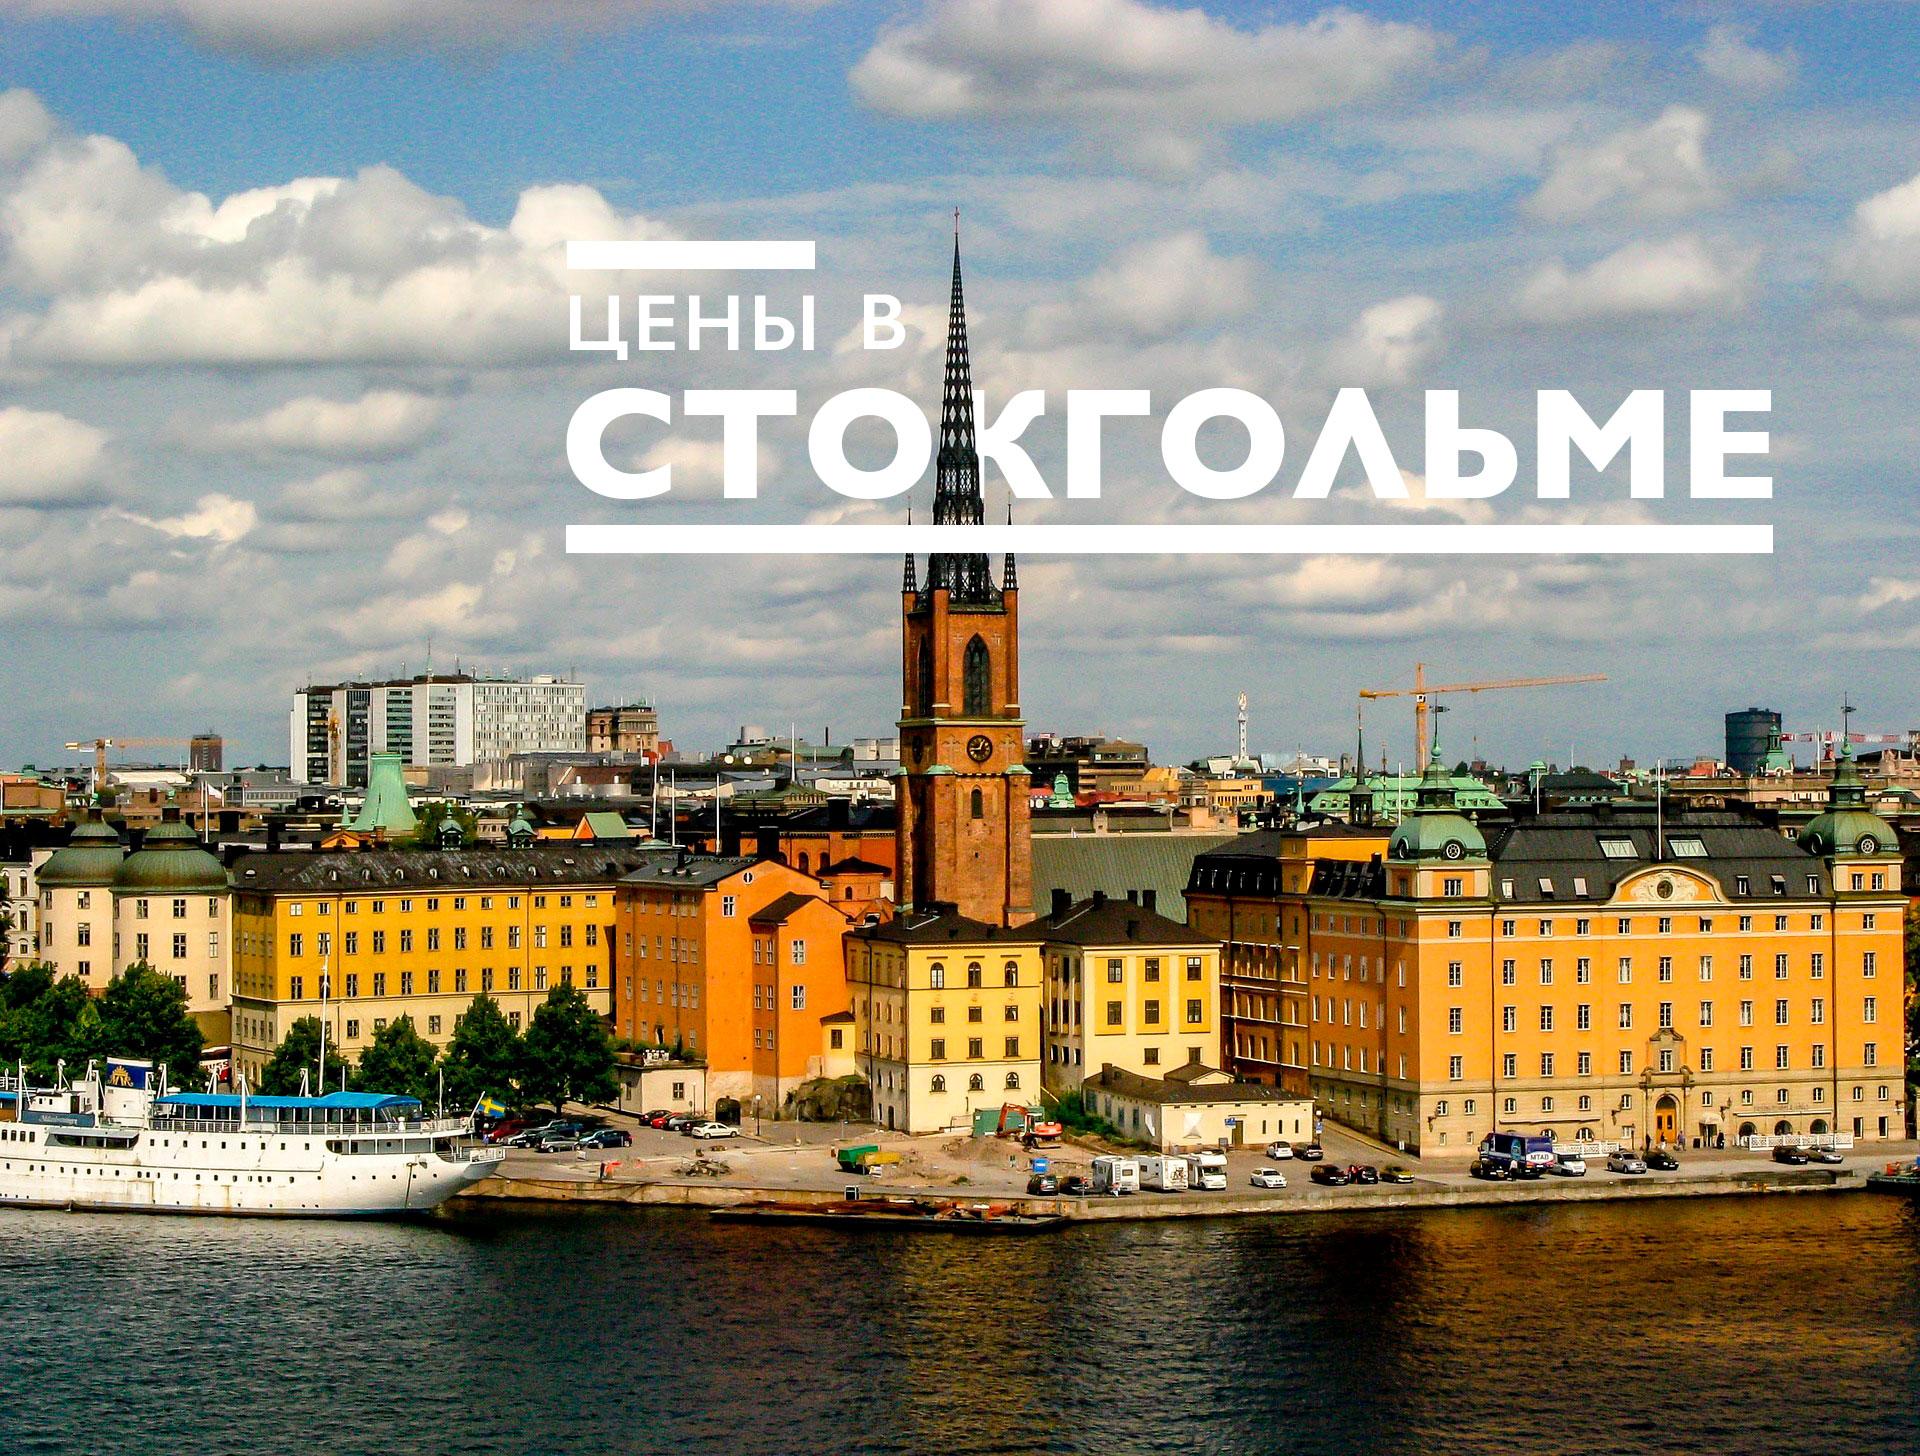 Стоимость жизни в Швеции, Стокгольм – аренда жилья, питание, транспорт